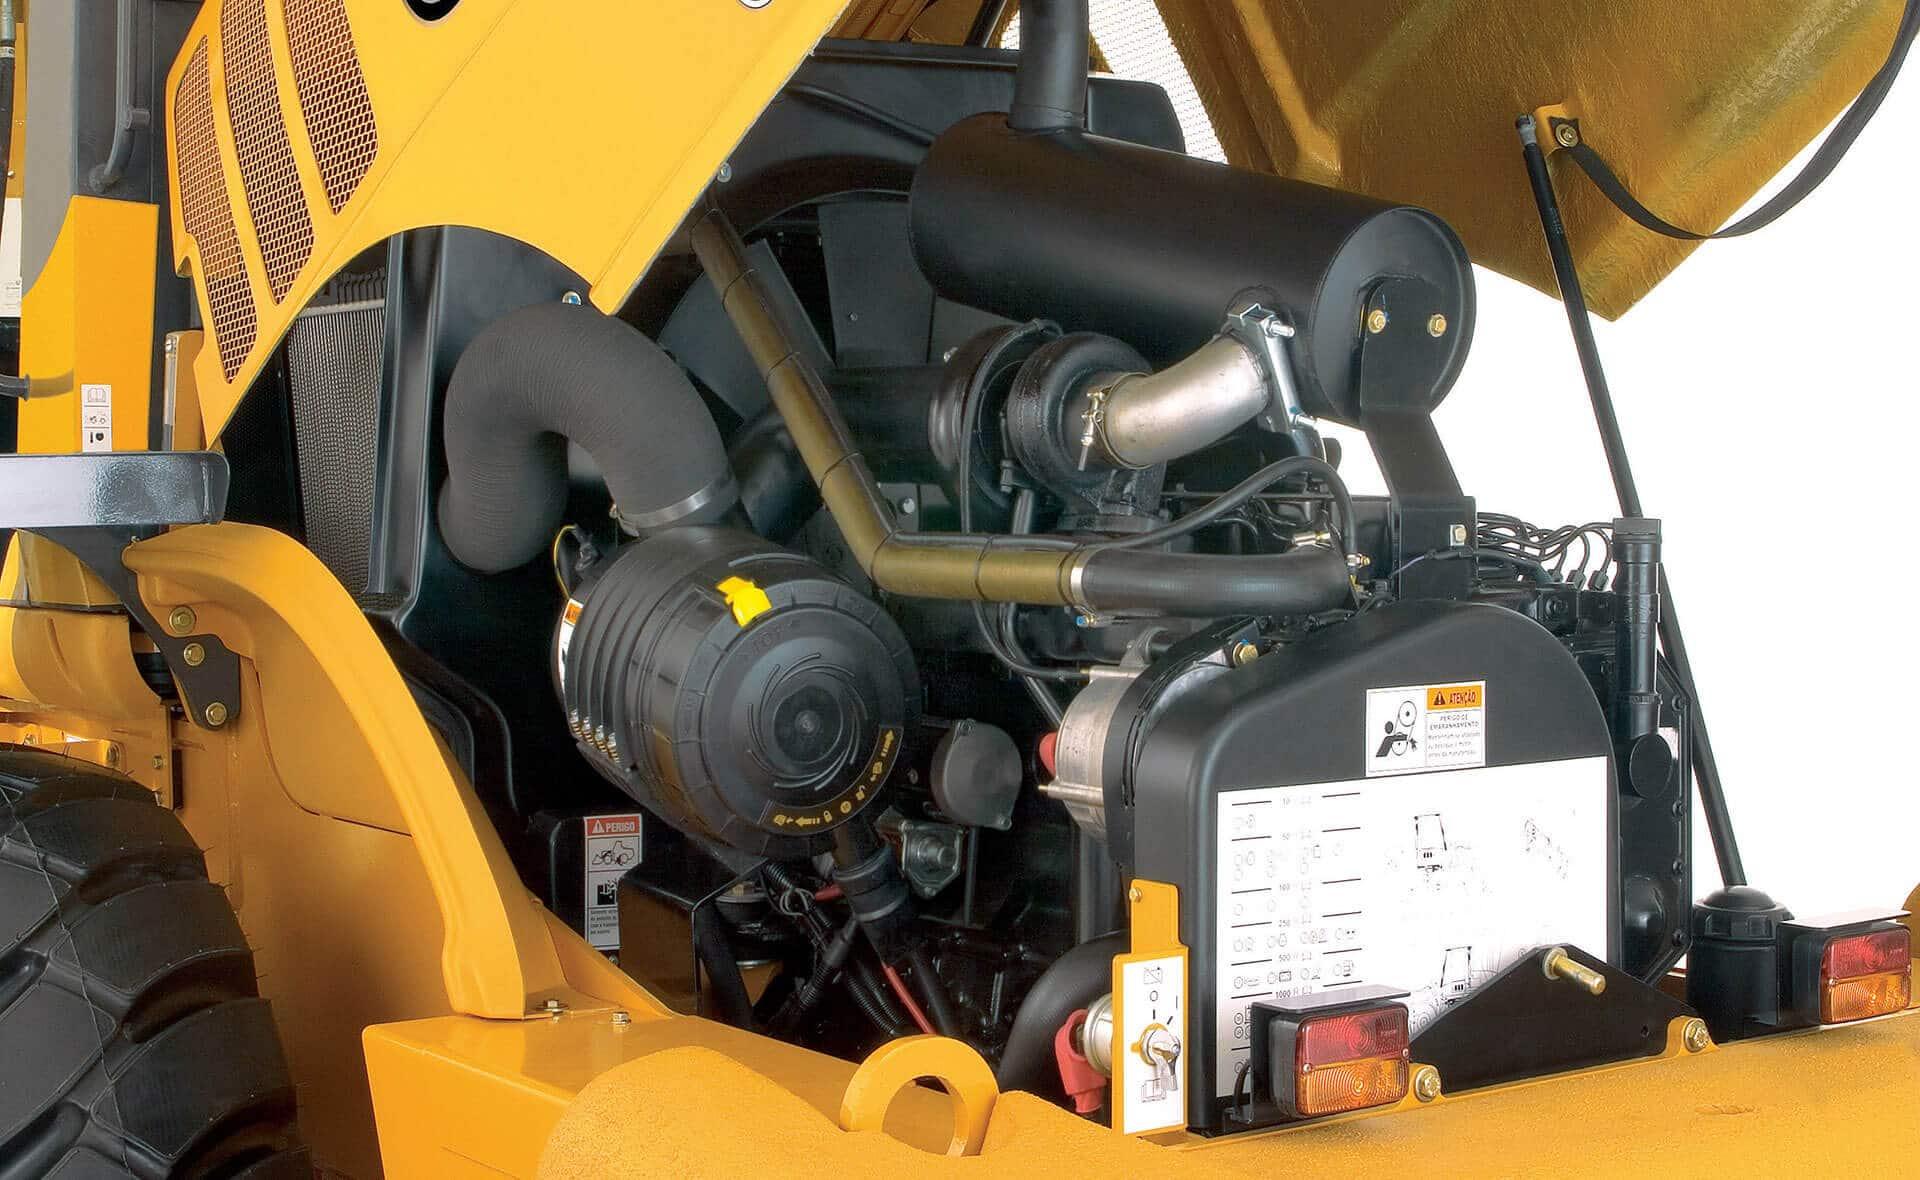 621d wheel loader case rh casece com